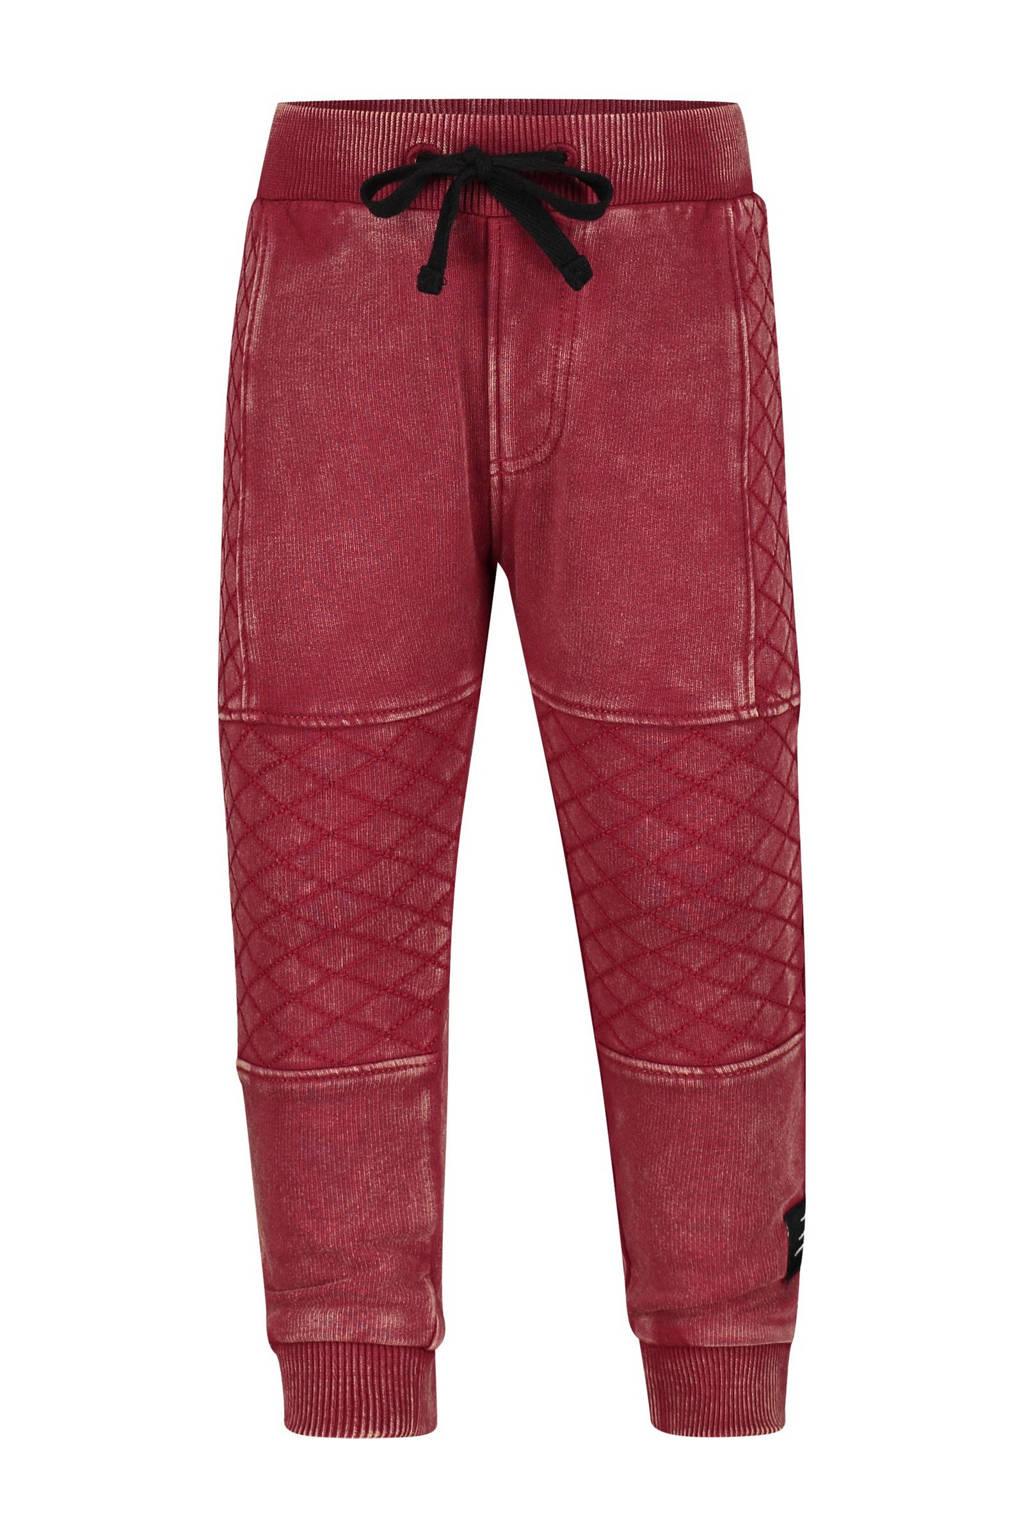 4PRESIDENT tapered fit broek Colin met textuur donkerrood, Donkerrood